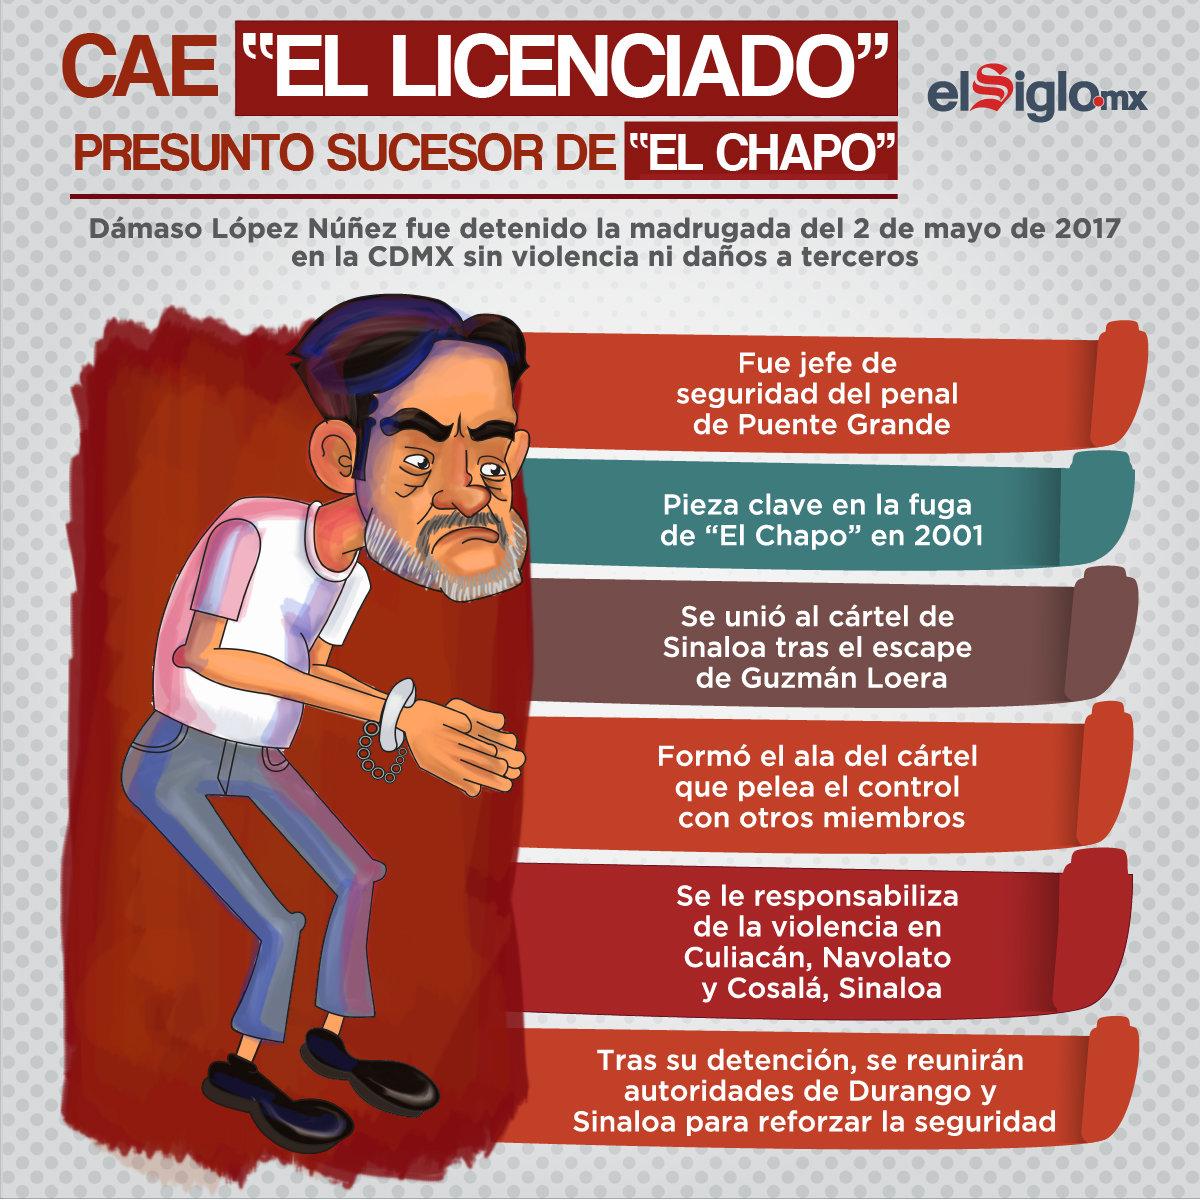 Cae 'El Licenciado', presunto sucesor de 'El Chapo'